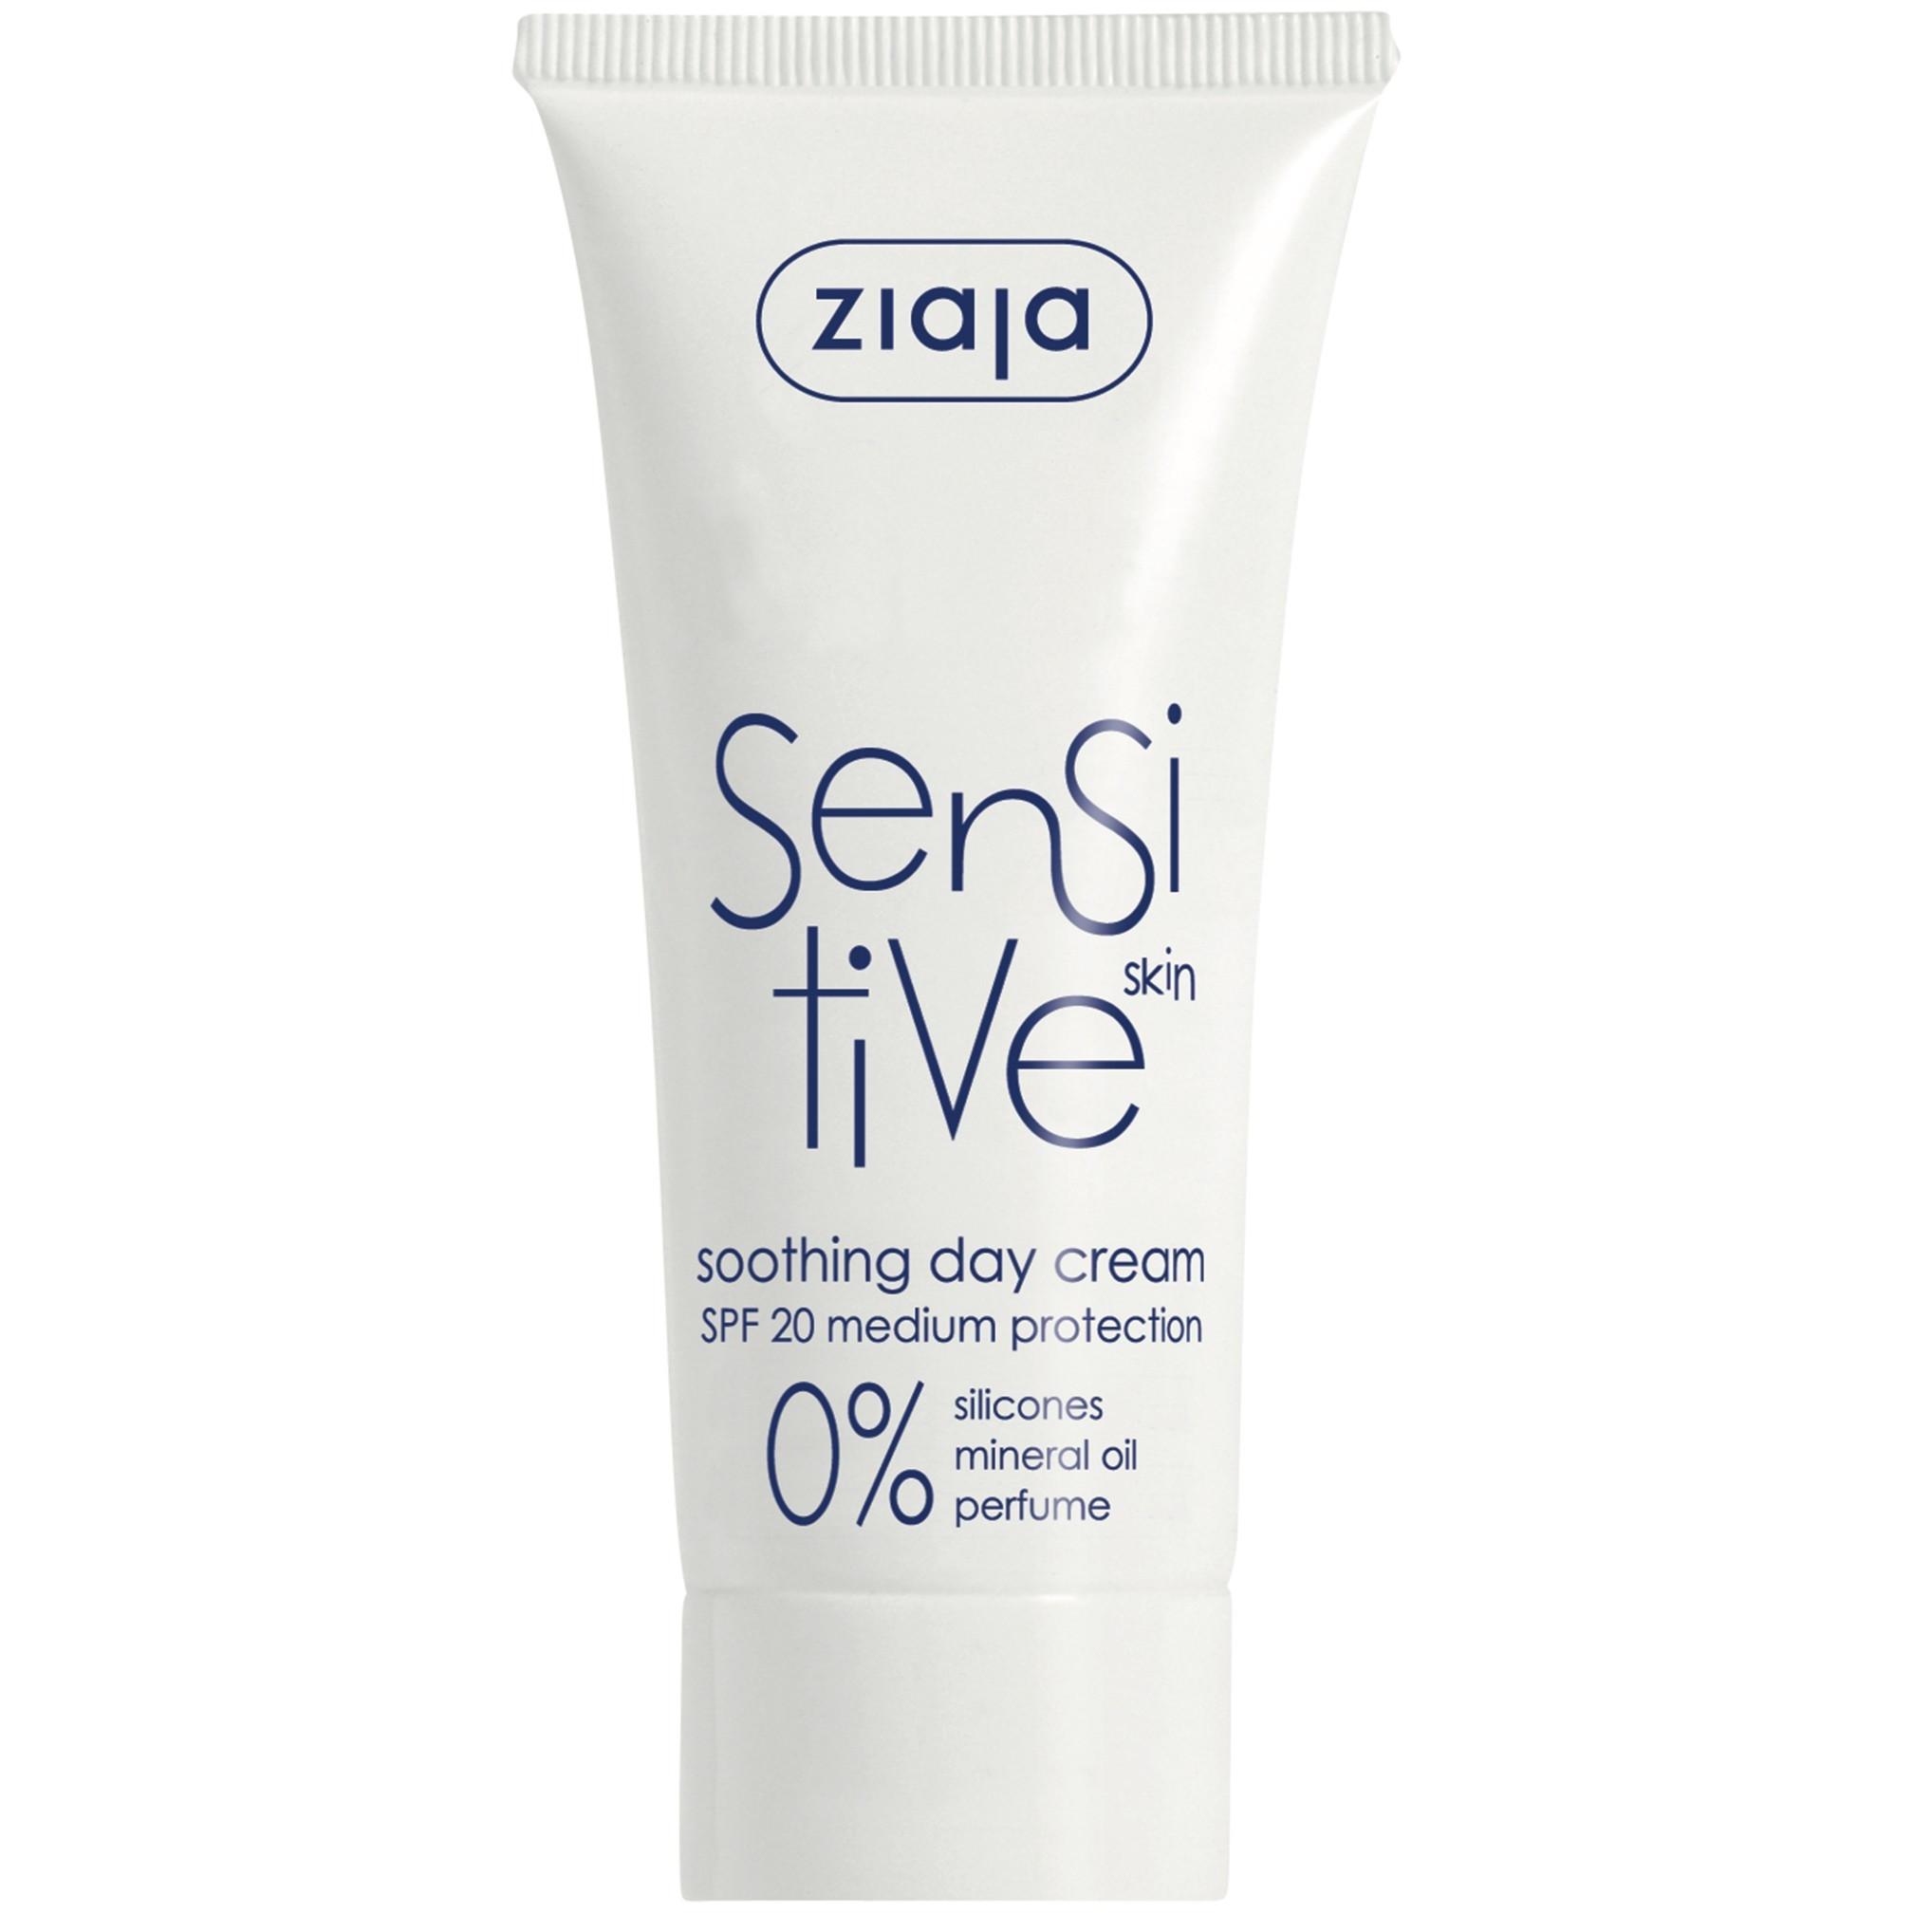 ЖАЯ Дневен крем за чувствителна кожа със spf20 50мл | ZIAJA Sensitive soothing day cream spf20 50ml